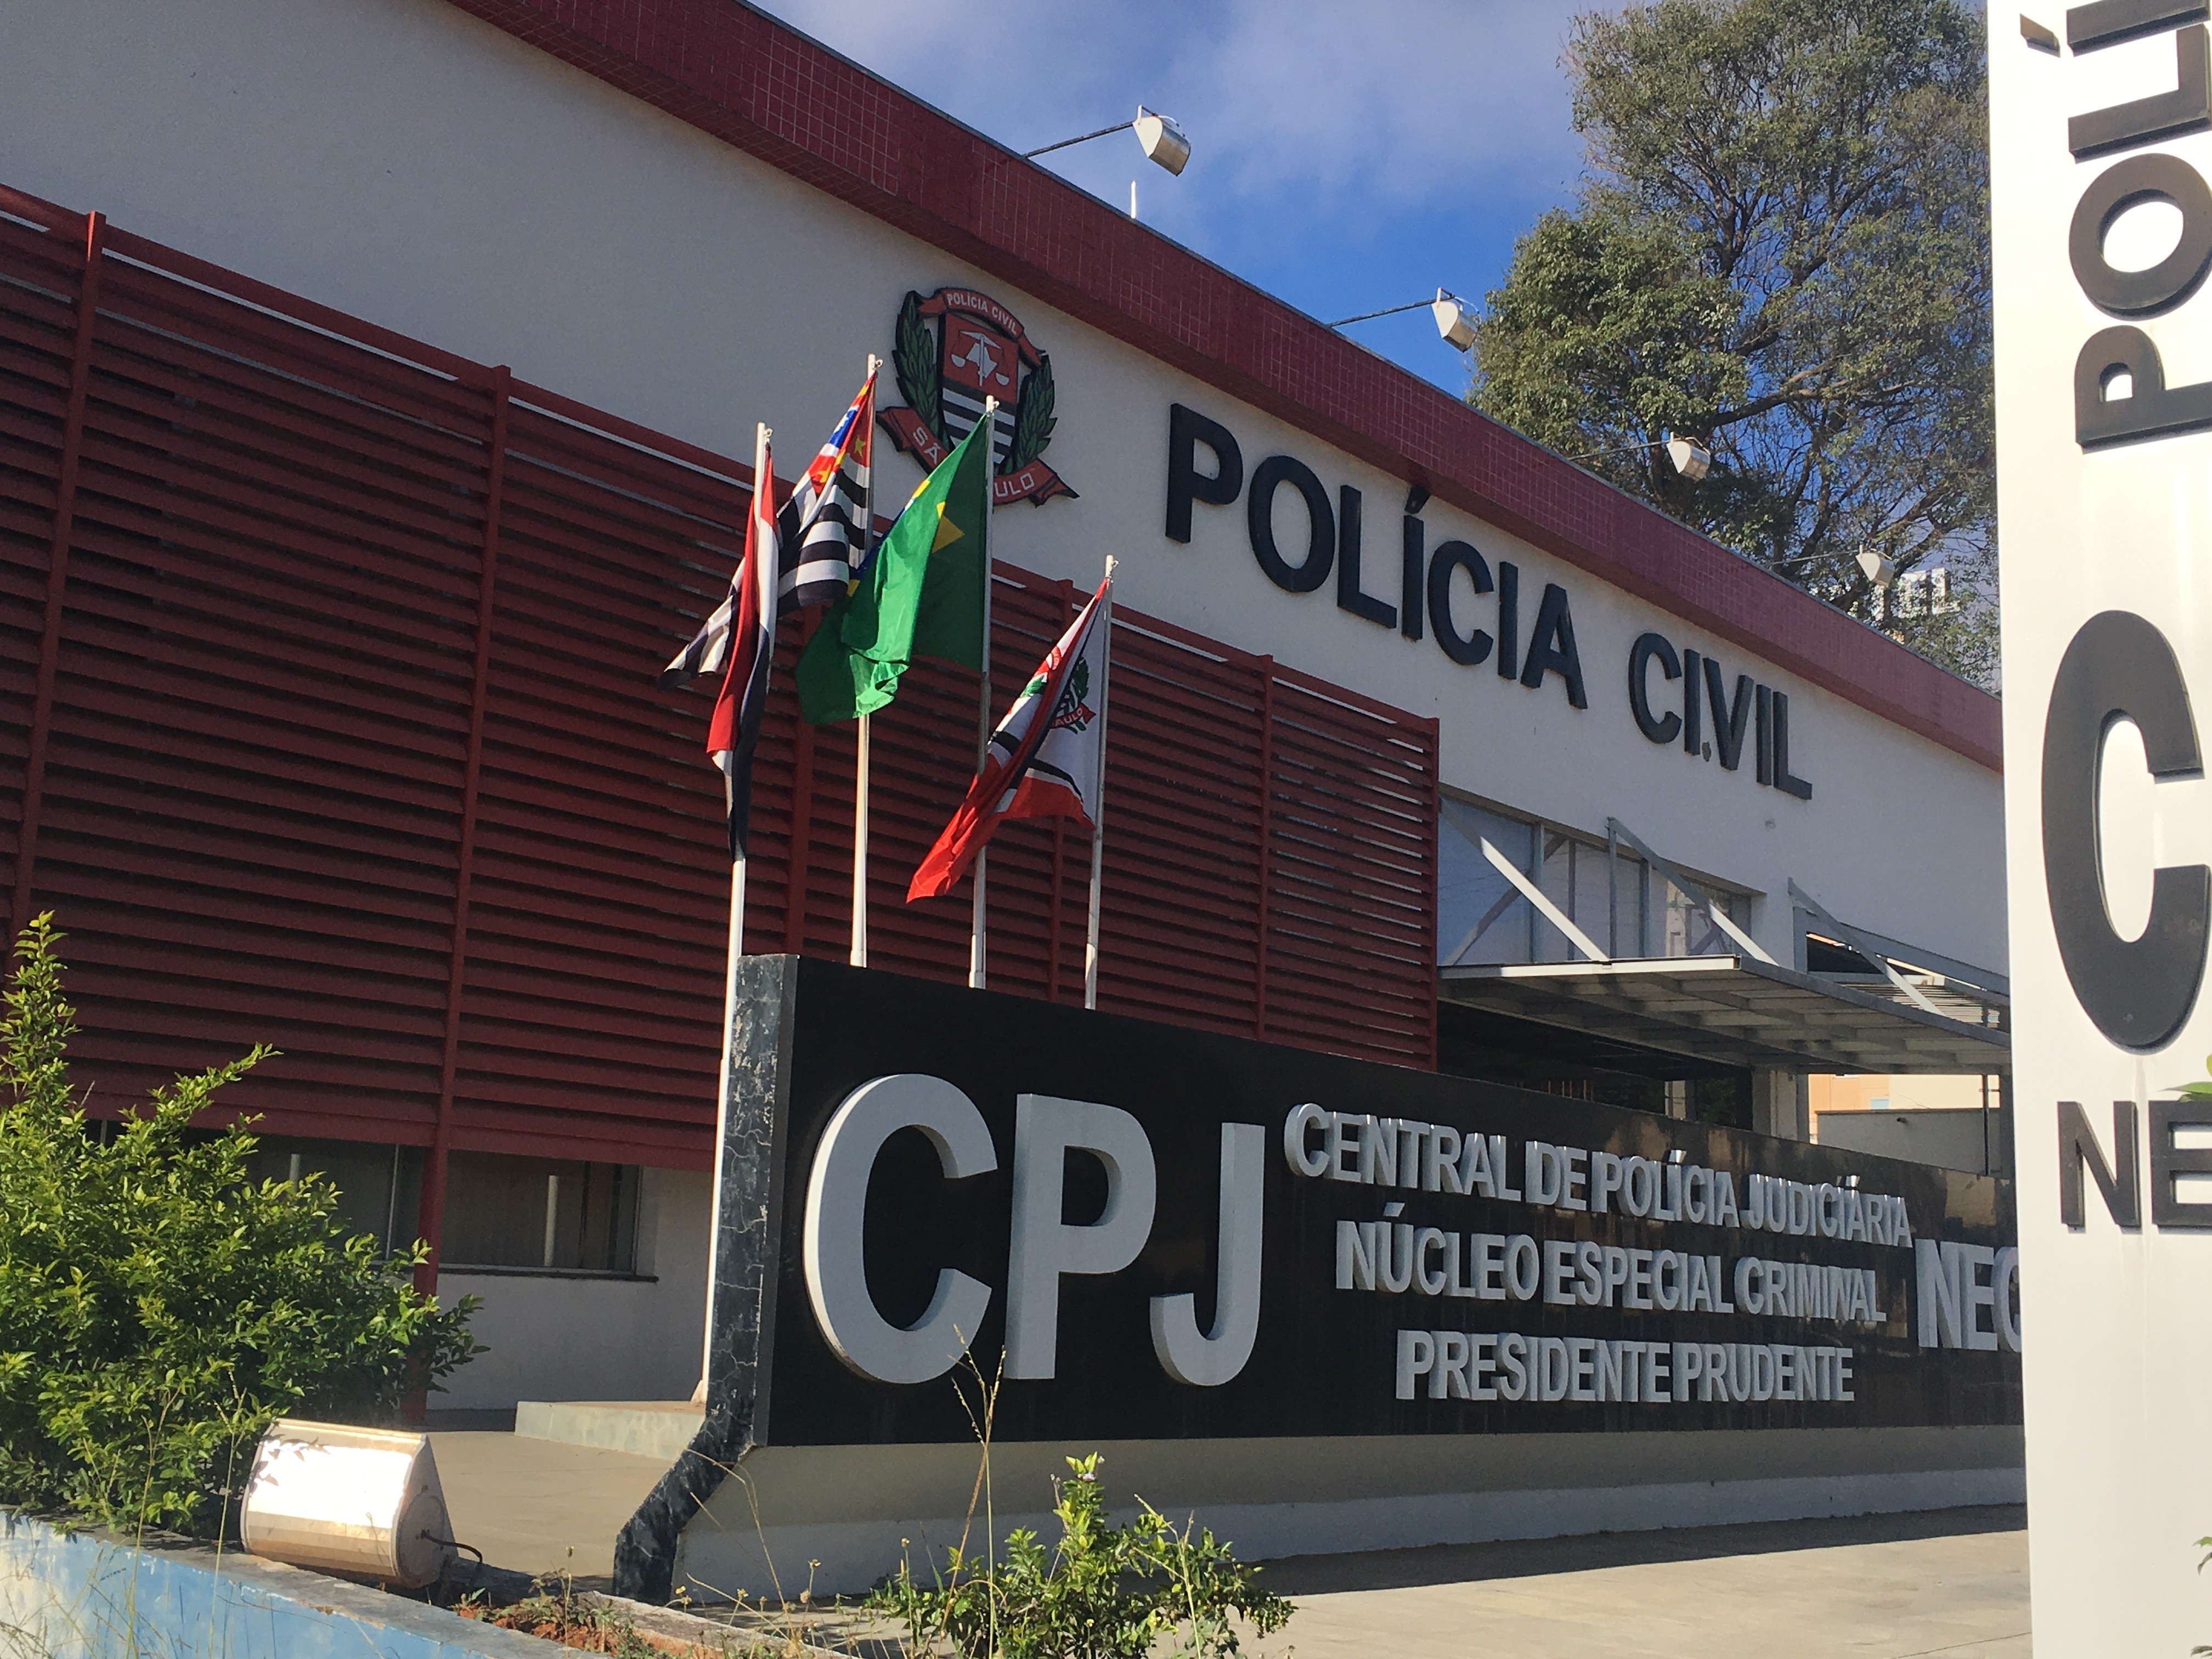 Polícia Civil abre inquérito e identifica estudantes universitários envolvidos em castração de cachorro em república